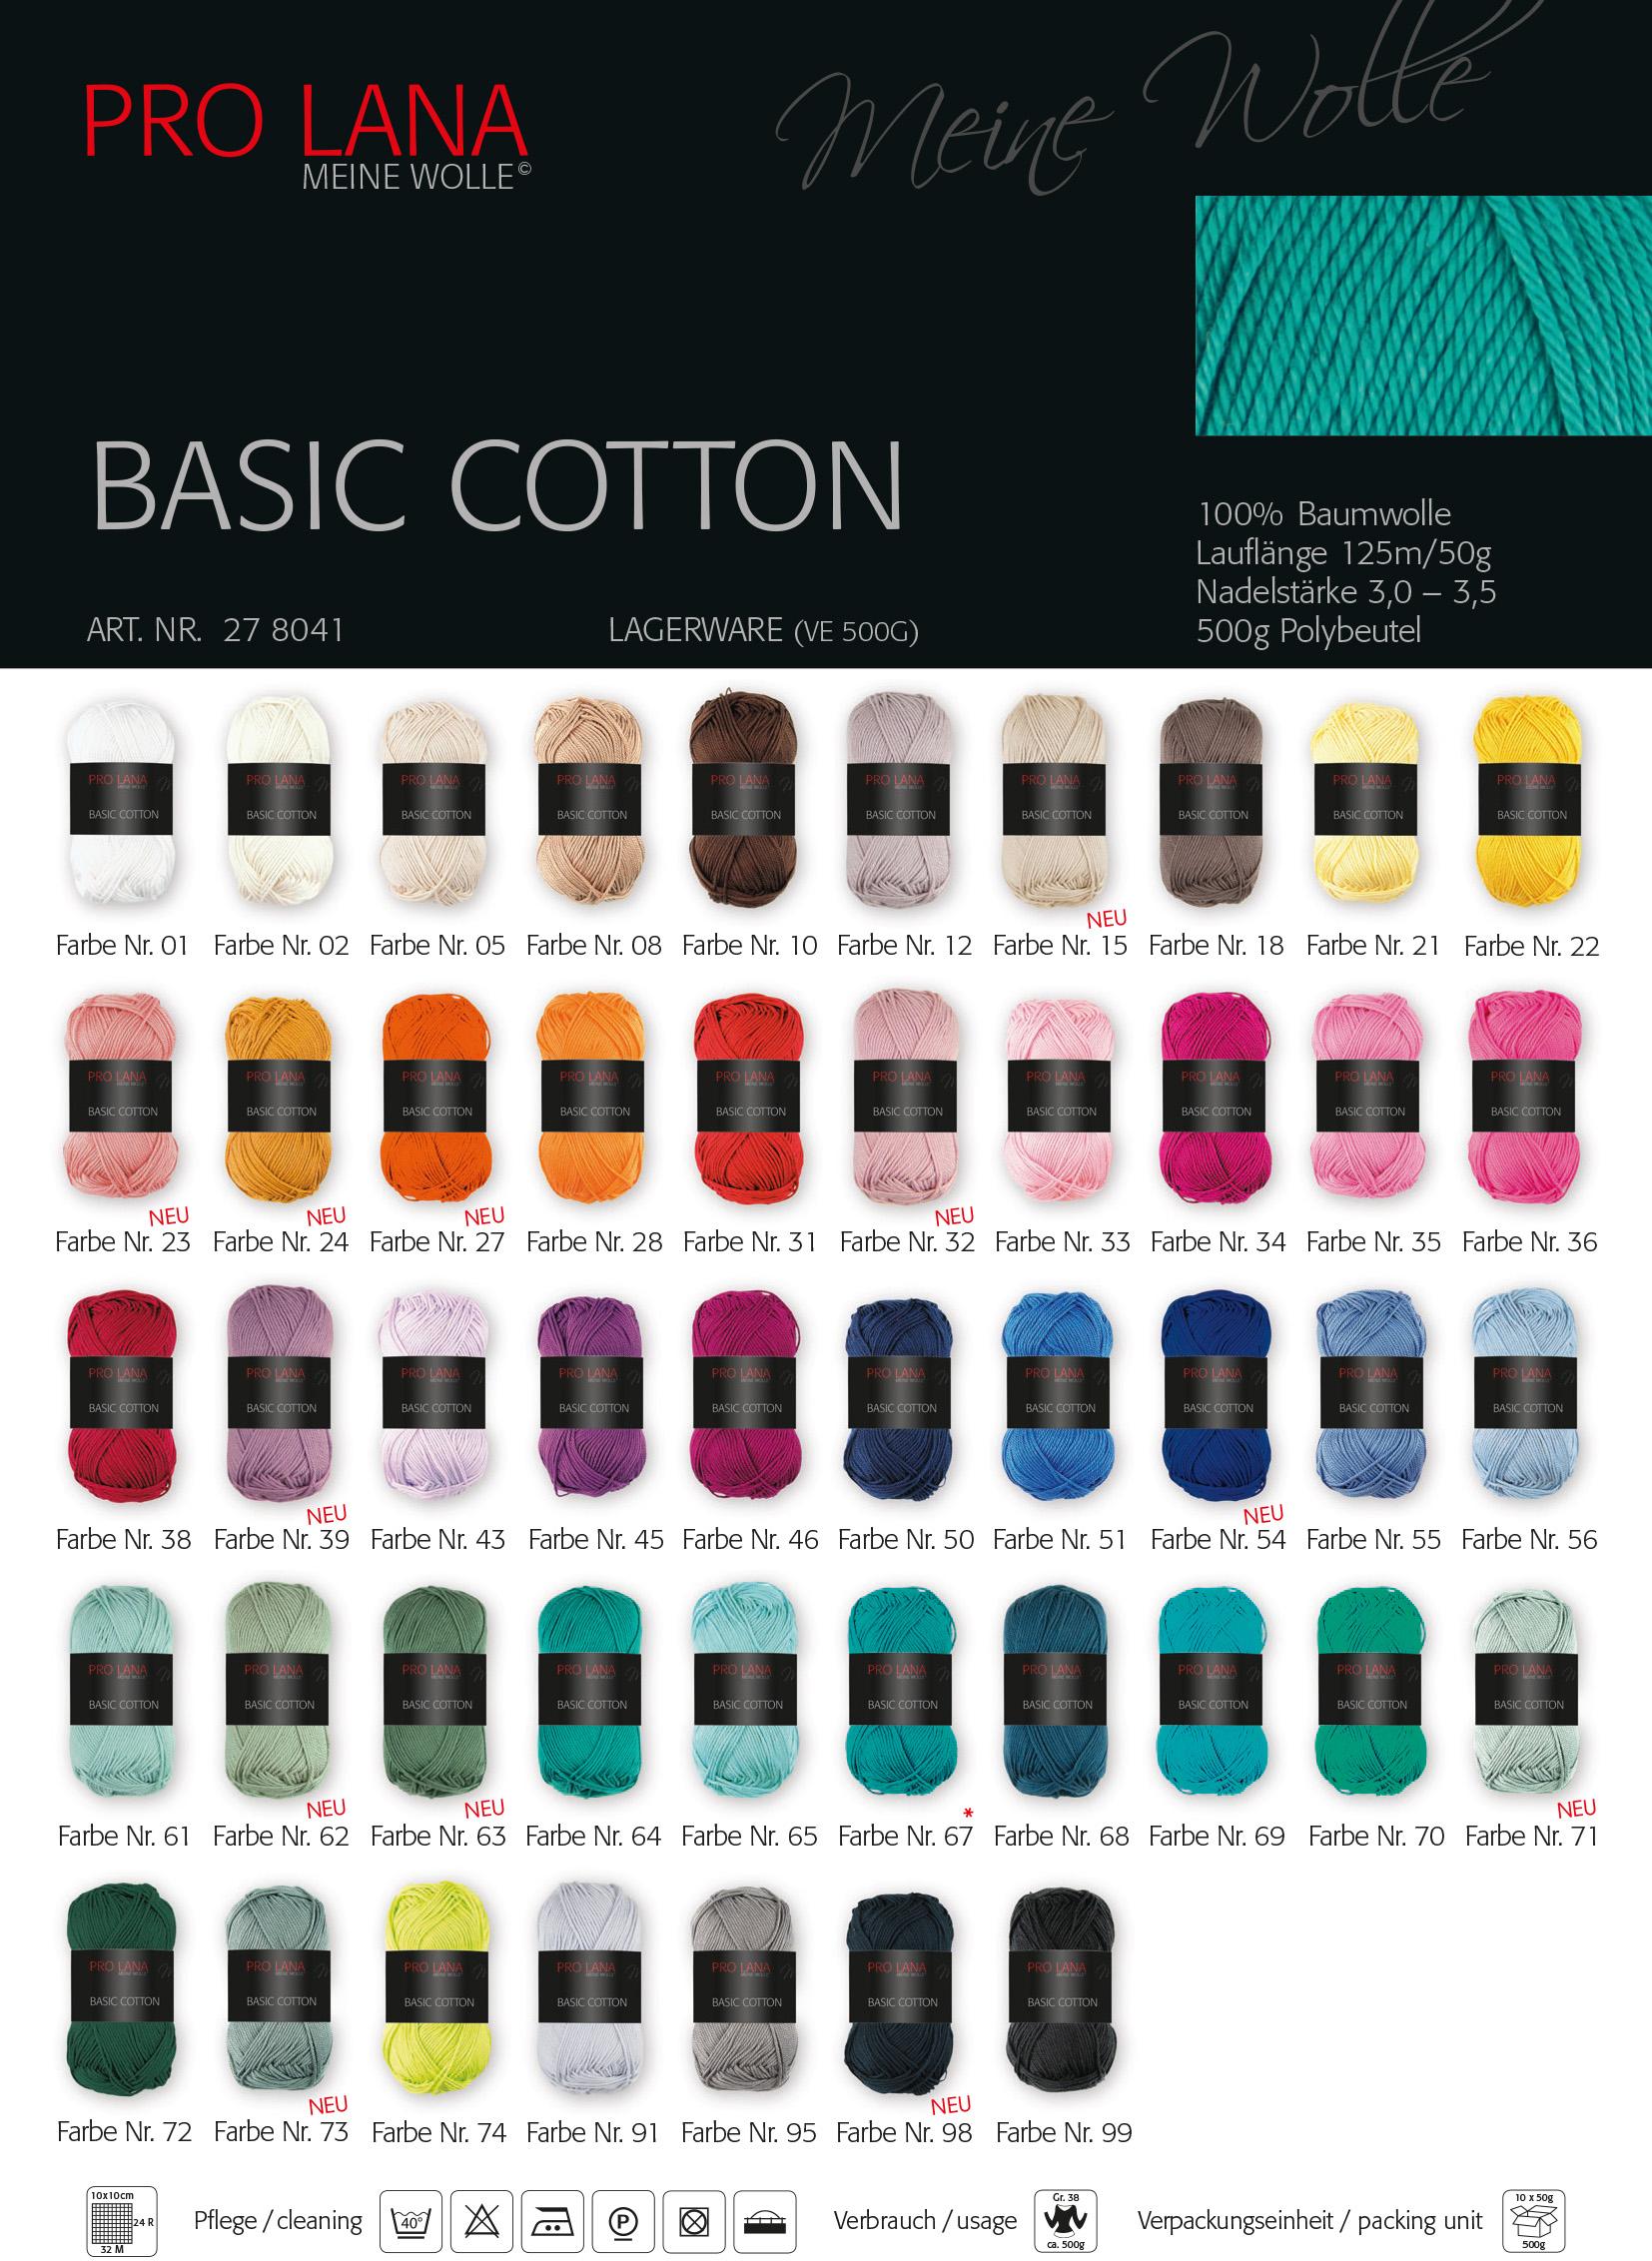 ca 125 m Wolle BASIC COTTON von PRO LANA Farbe 27-50 g